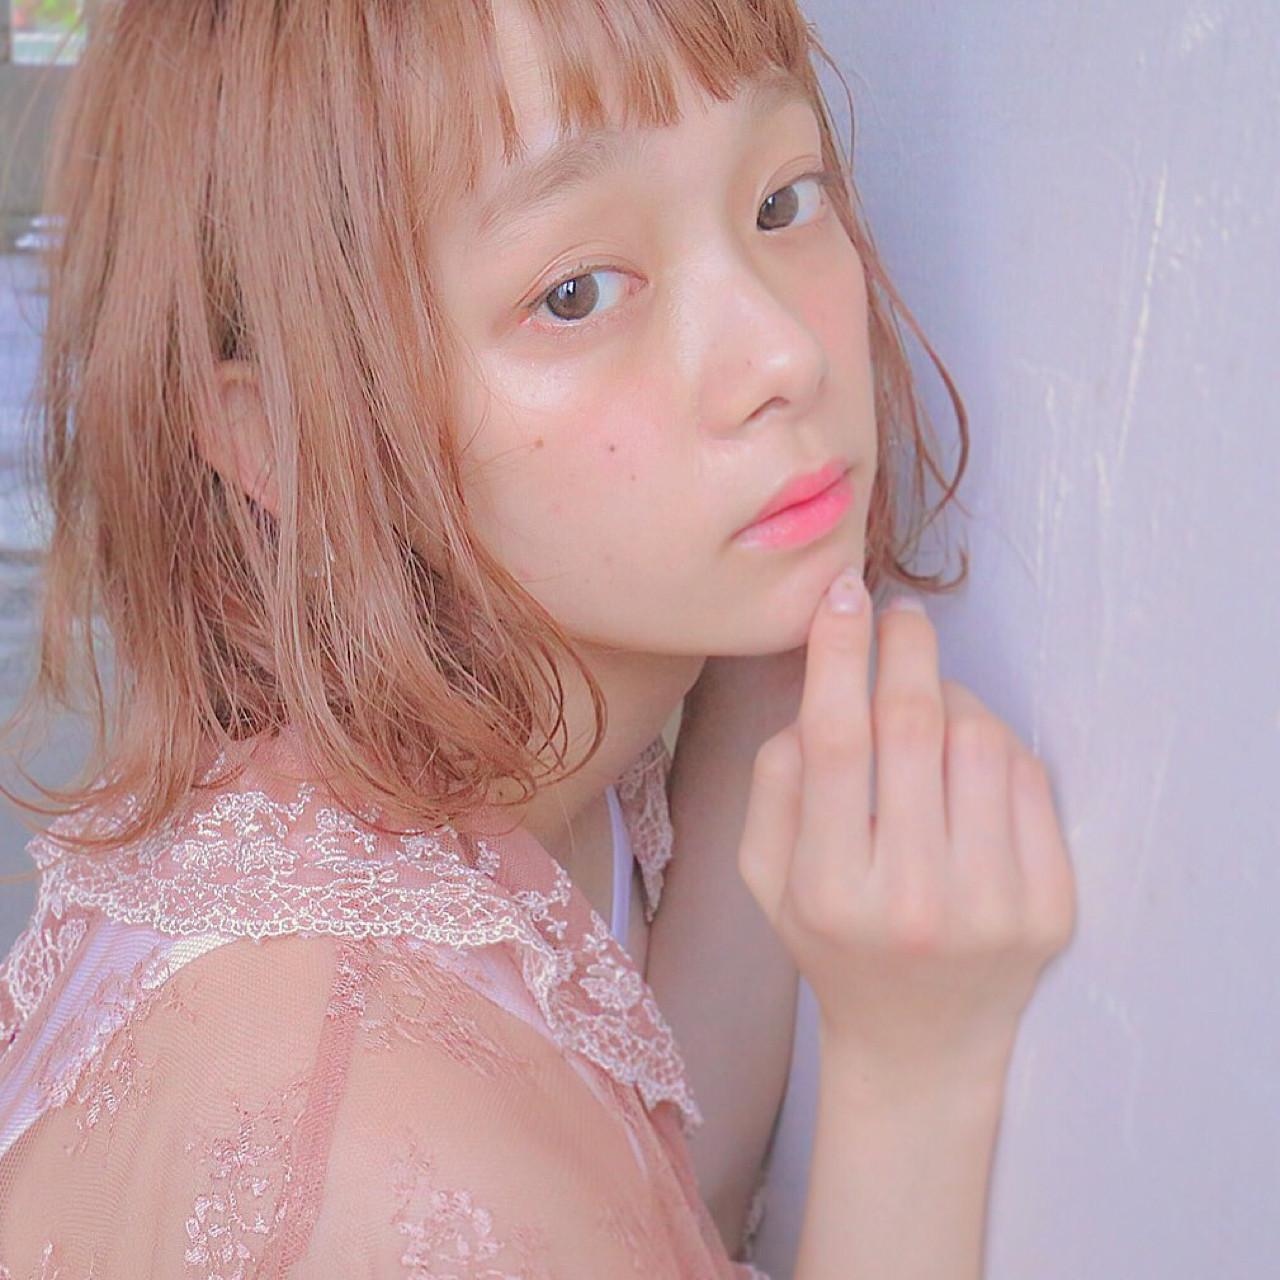 話題のモテヘア。薄め前髪【シースルーバング】に恋する予感…♡の12枚目の画像